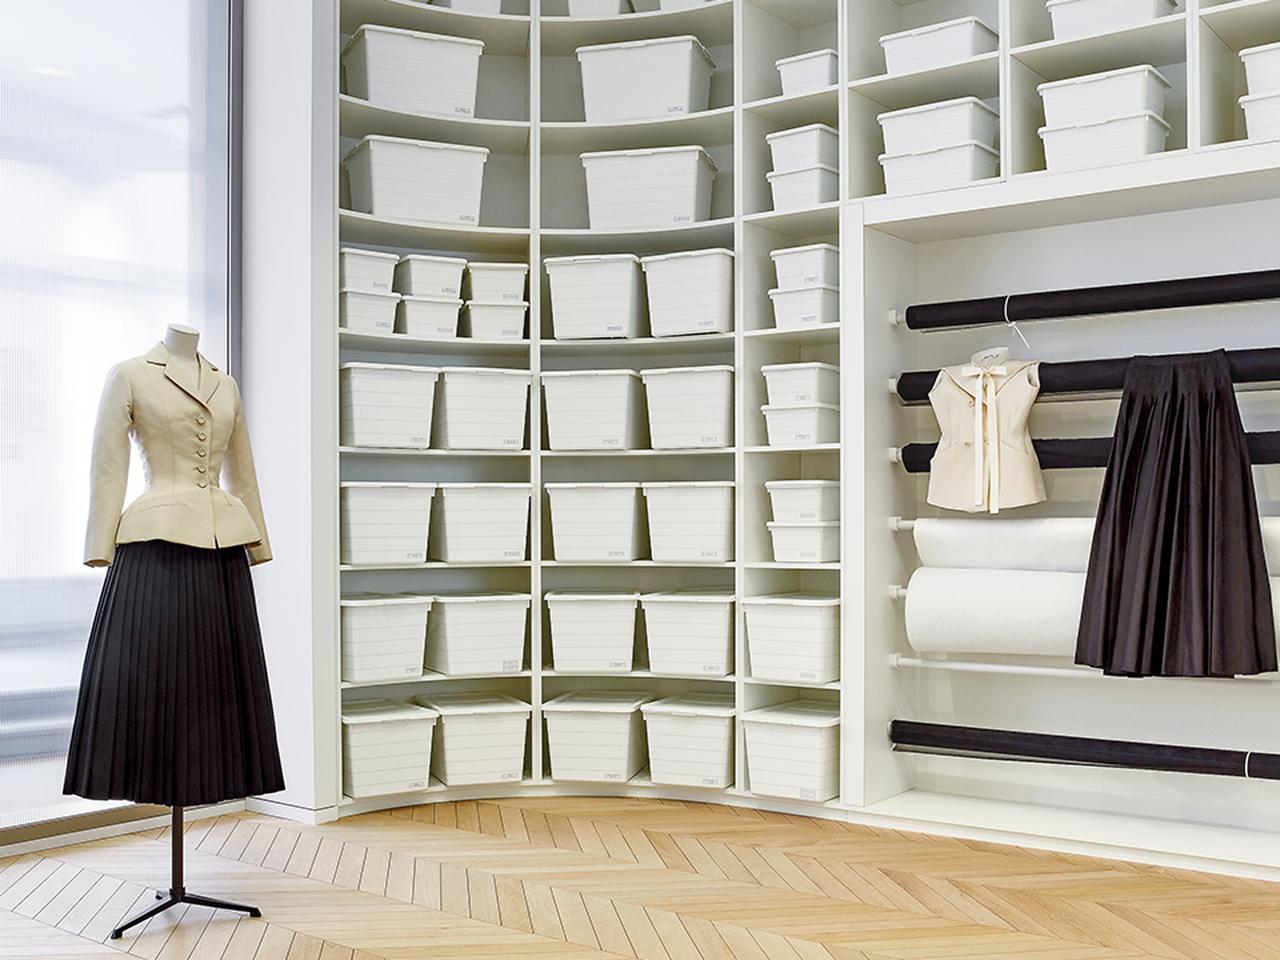 Images : 2番目の画像 - 「ファッションは 温故知新か、革新か―― <後編>」のアルバム - T JAPAN:The New York Times Style Magazine 公式サイト